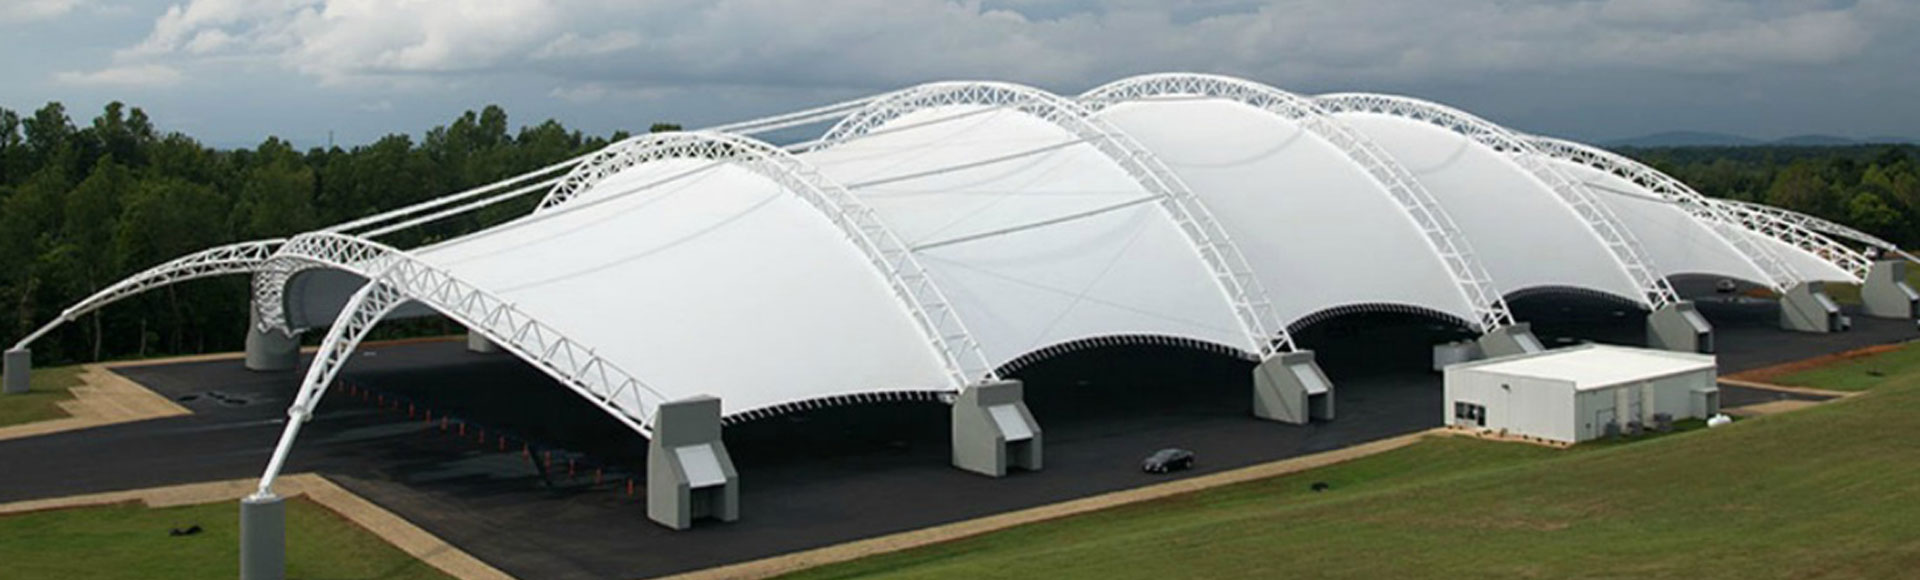 4 - سازه چادری و الاچیق مدرن